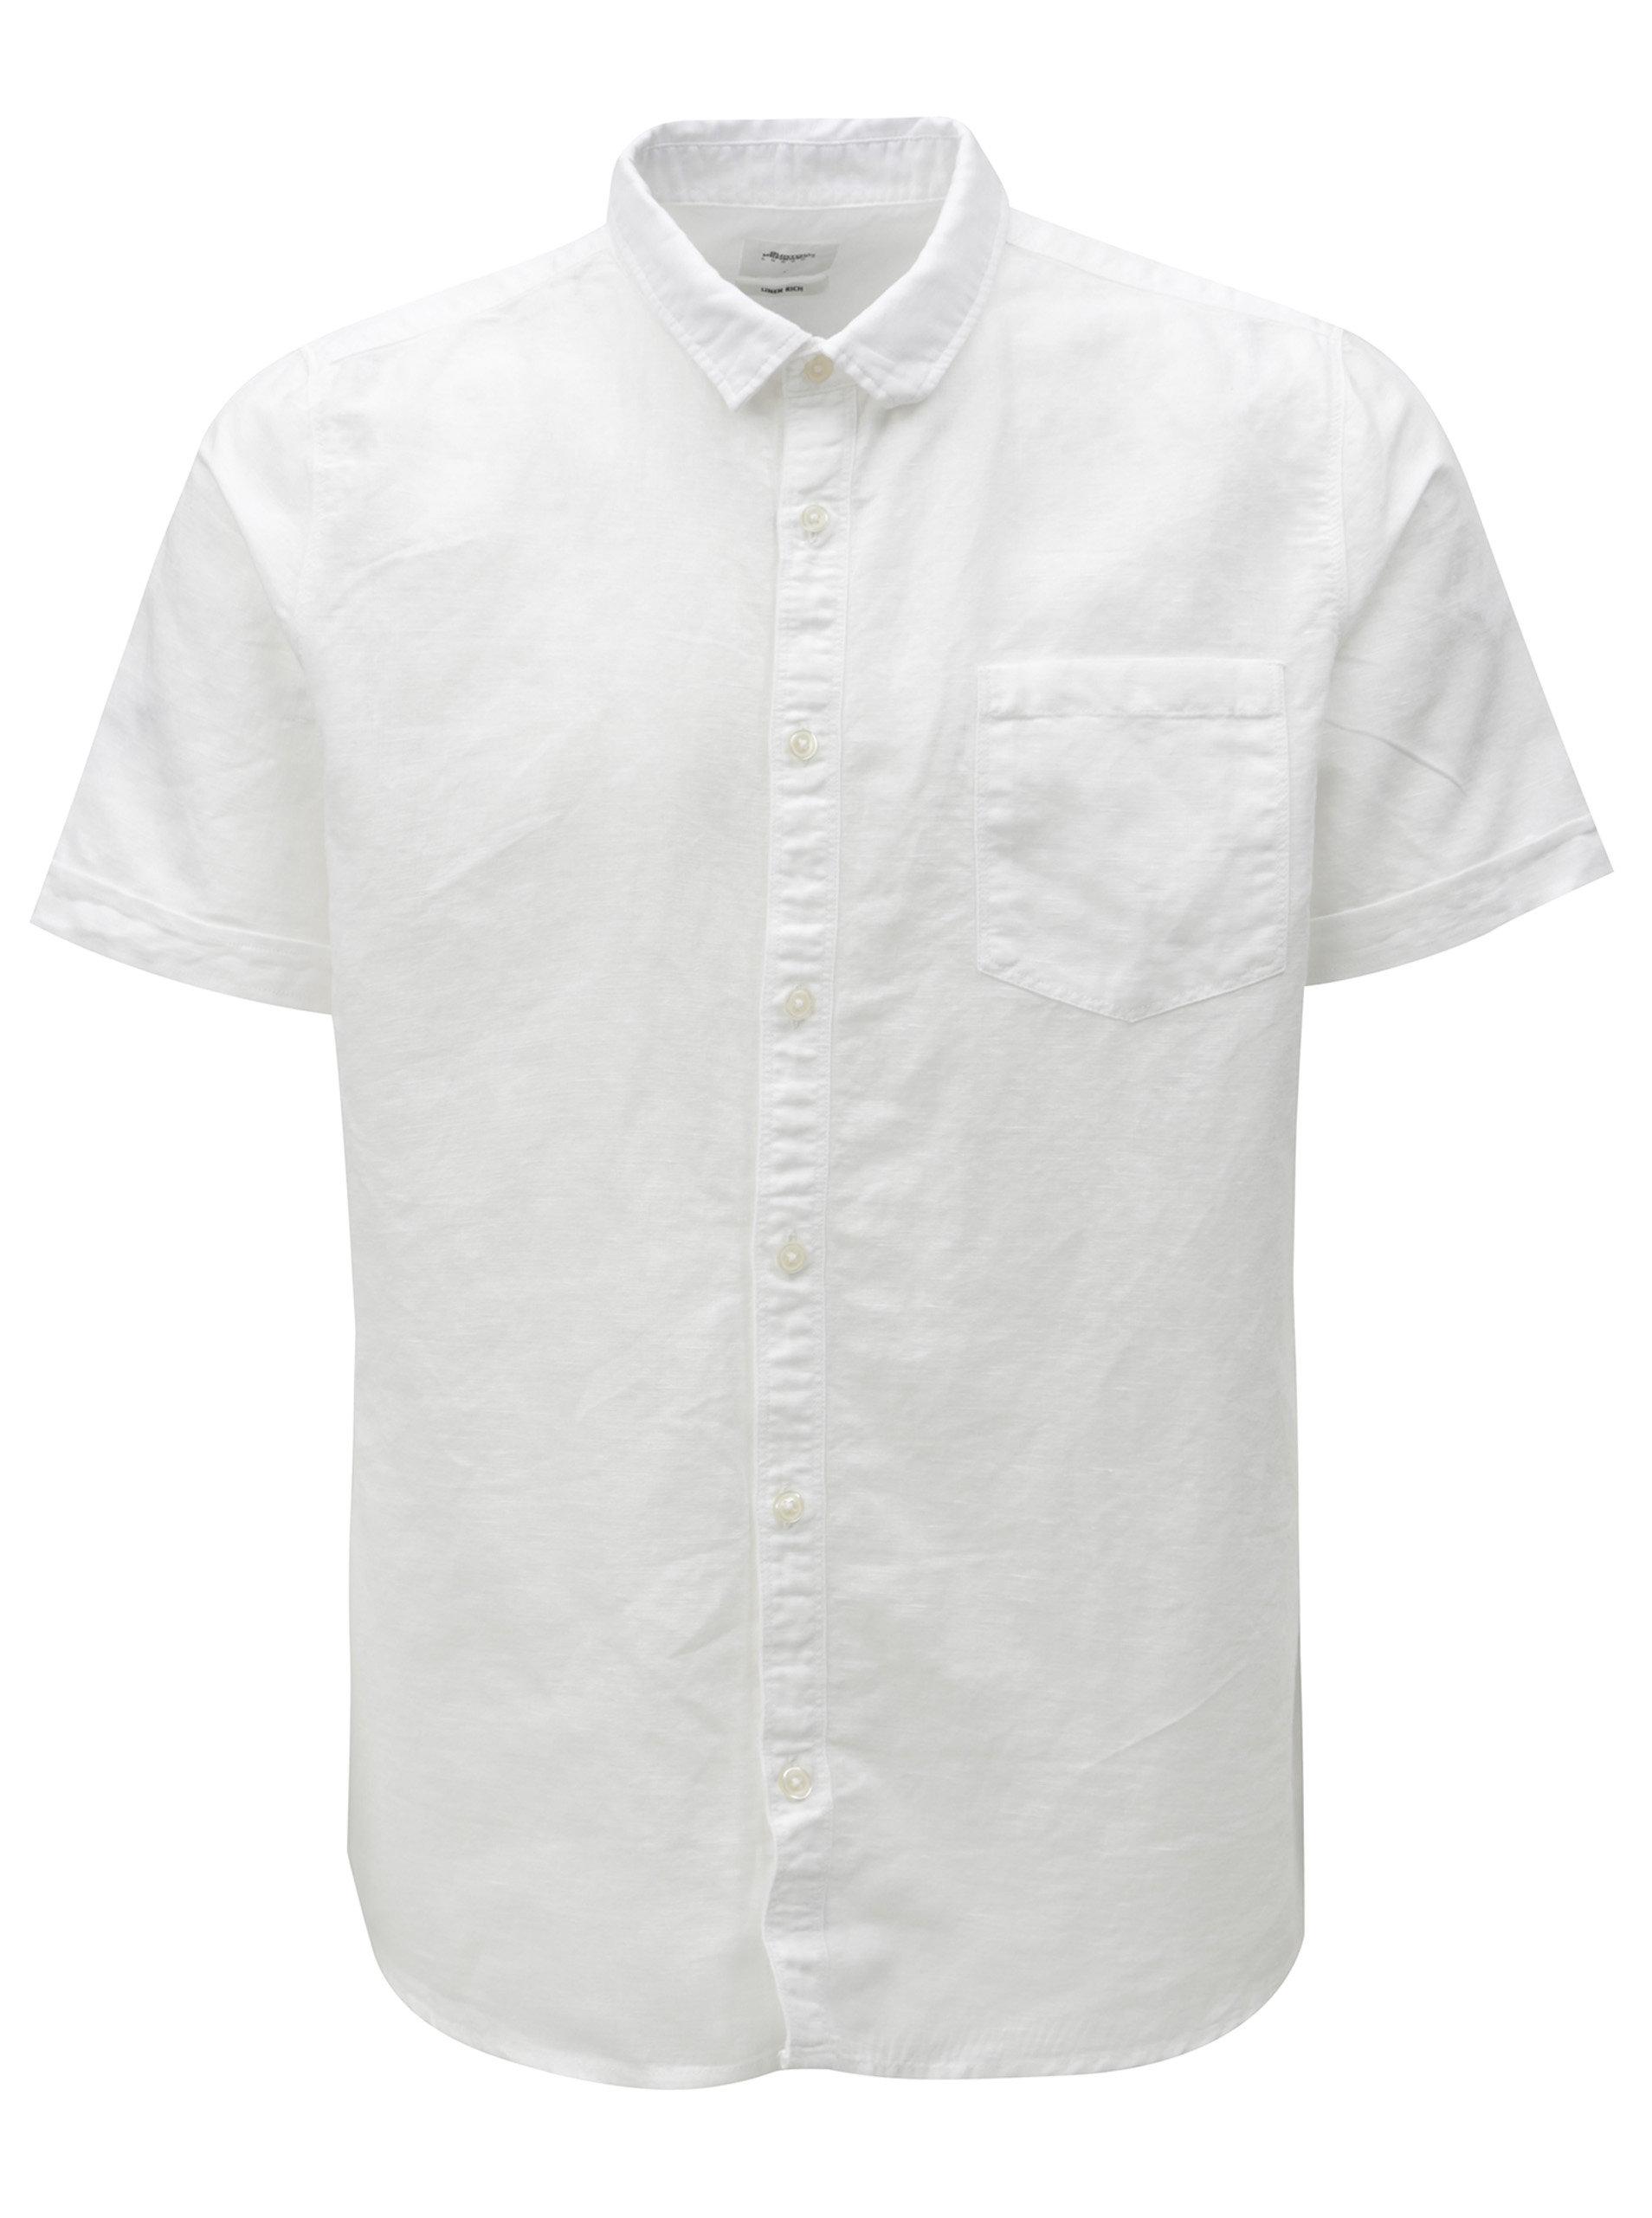 Bílá lněná košile s krátkým rukávem Burton Menswear London ... e1b5cef082